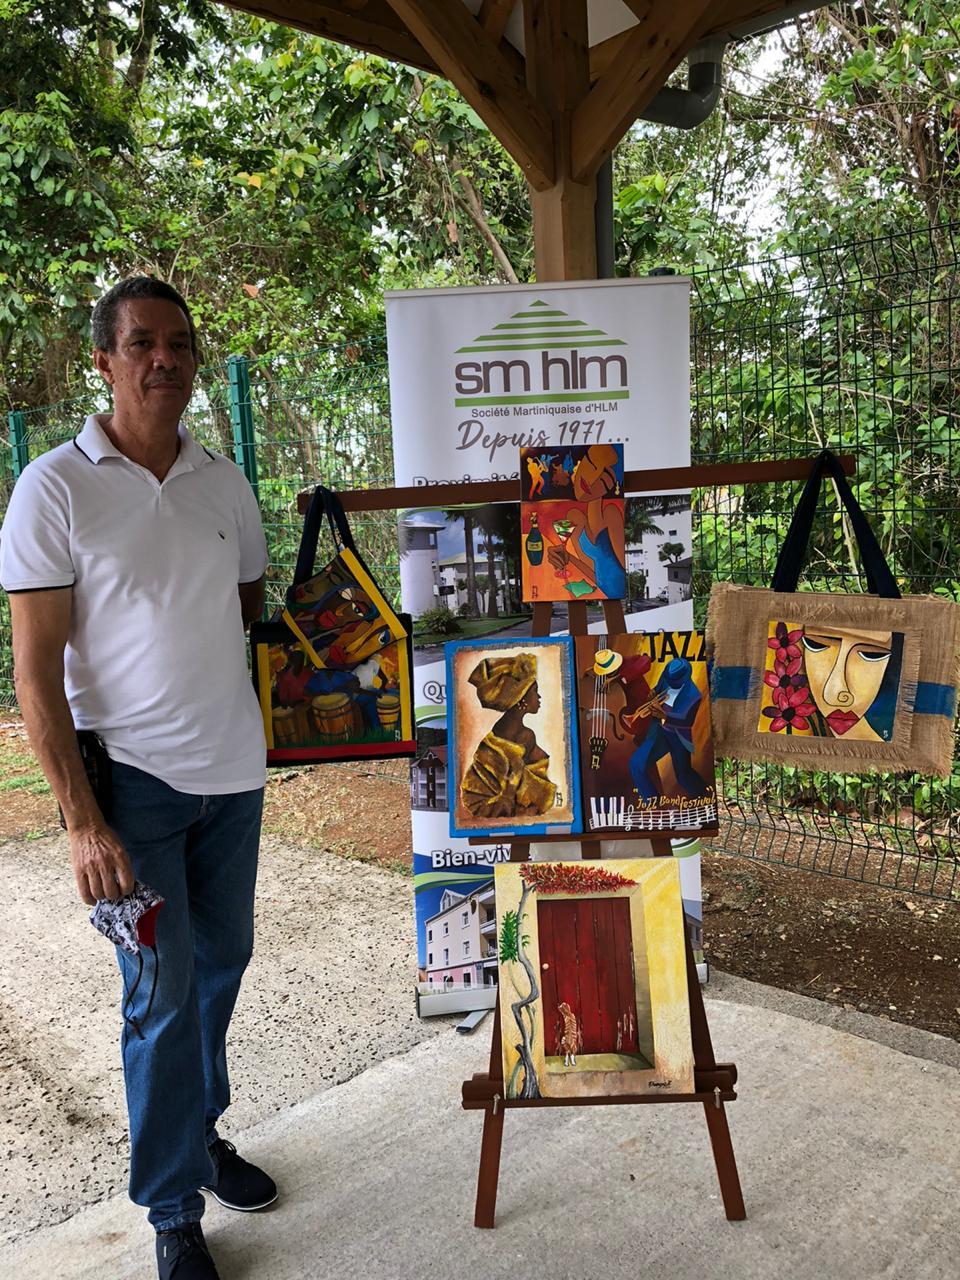 Les locataires SMHLM débordent de créativité artistique